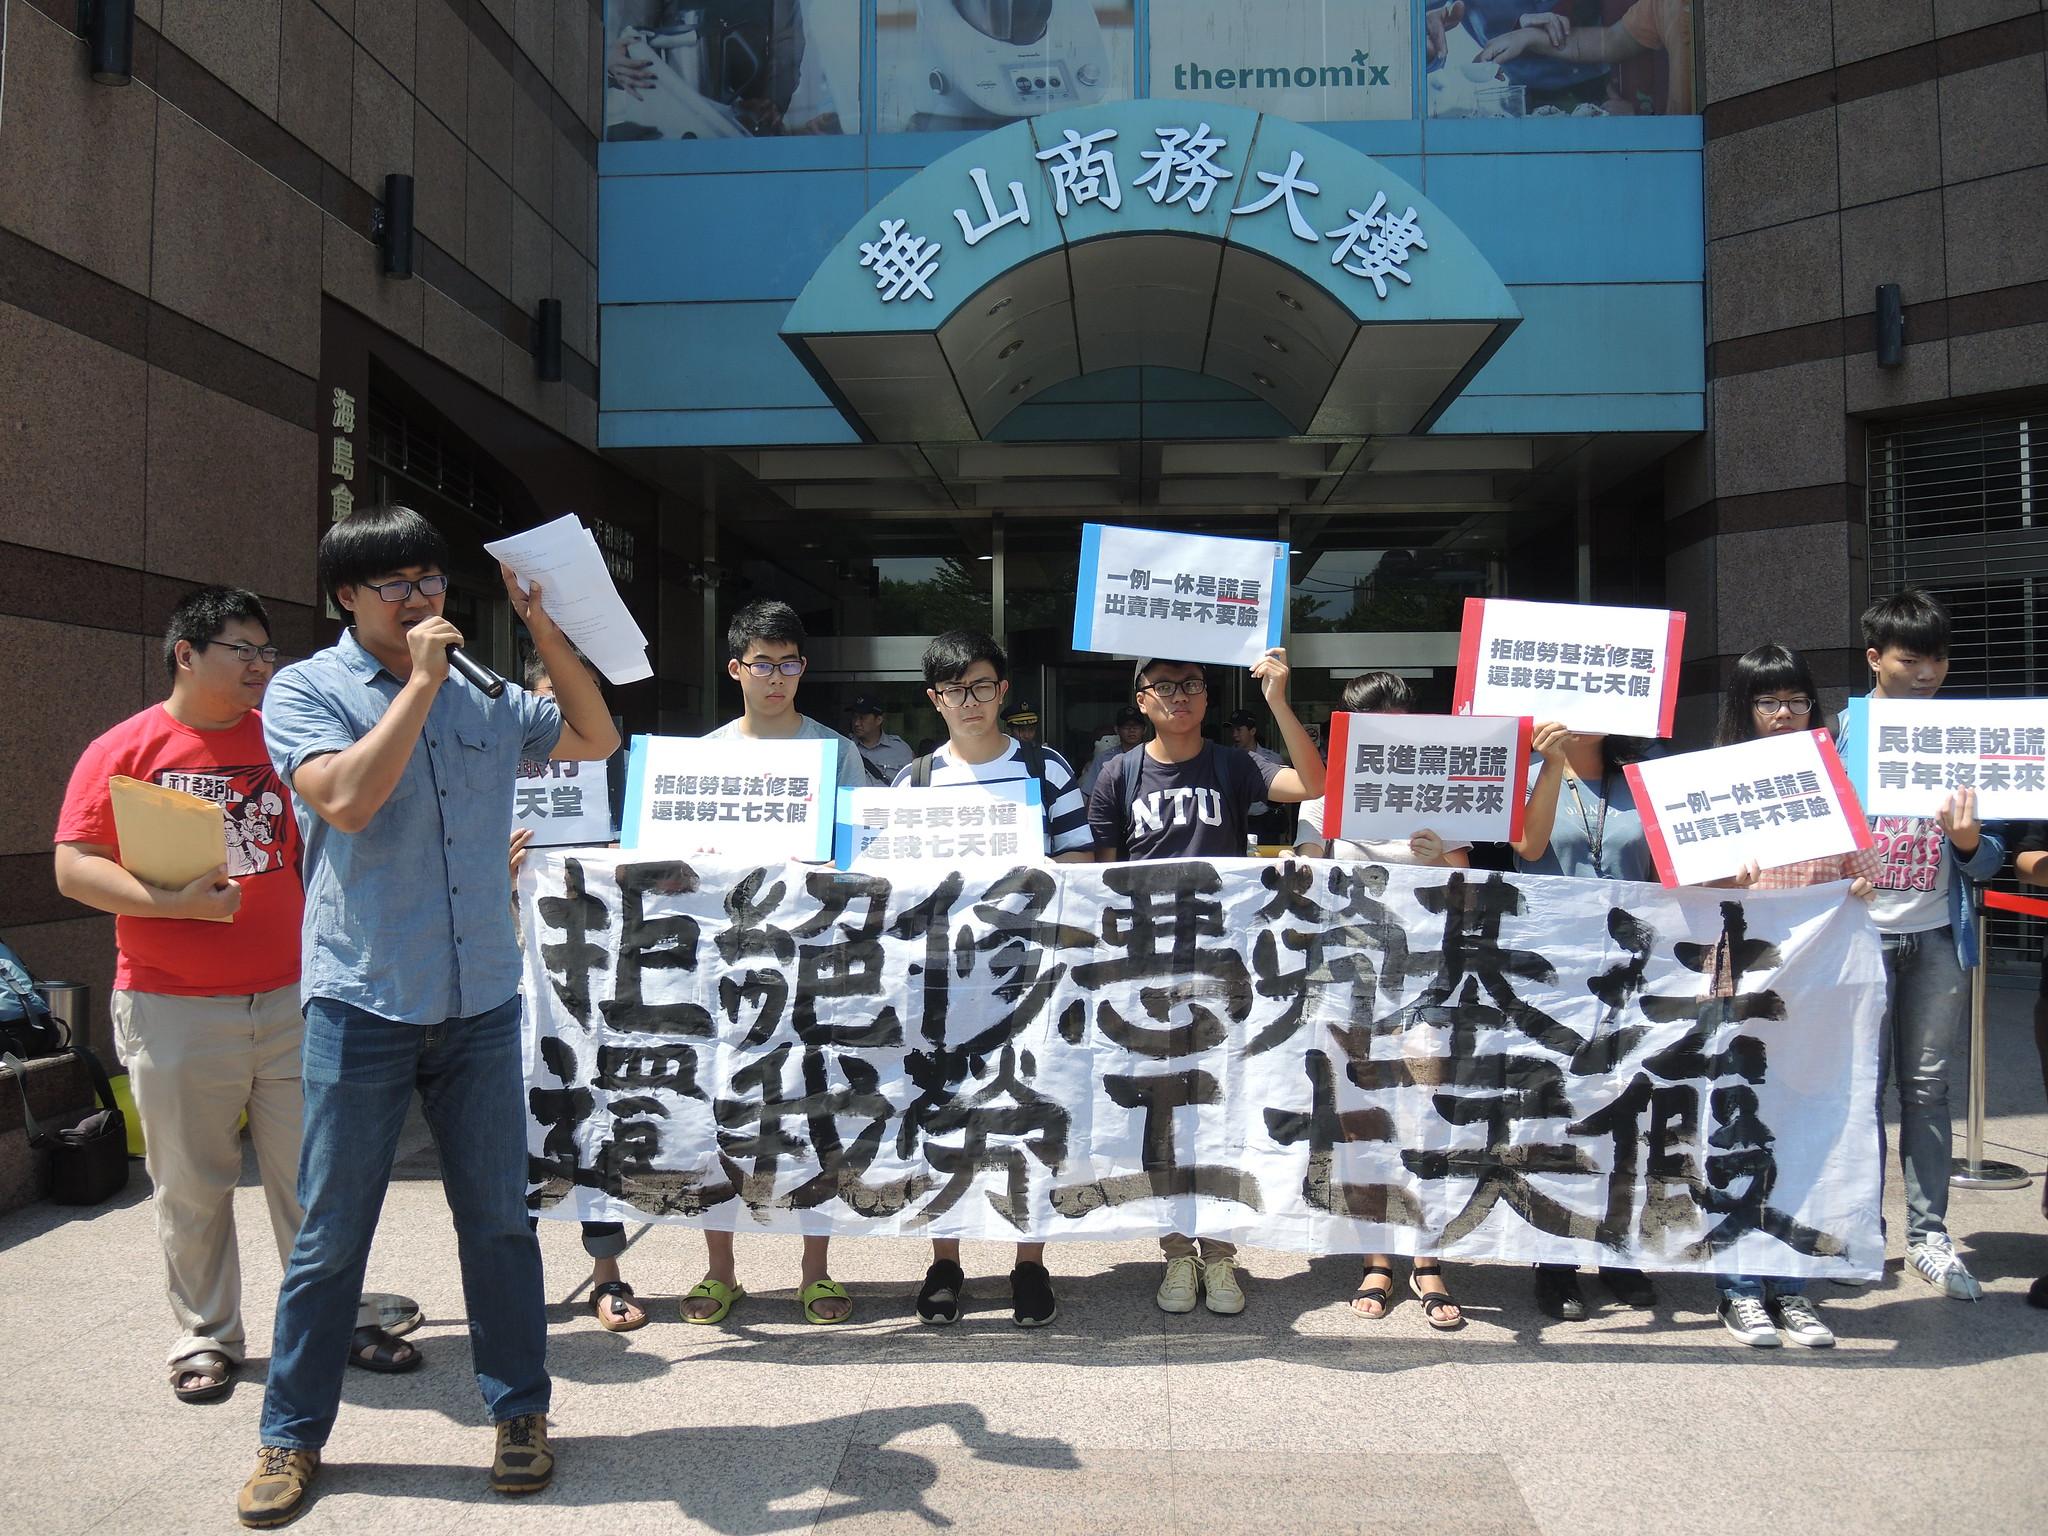 青年團體齊聚民進黨部前,要求還給勞工七天假。(攝影:曾福全)